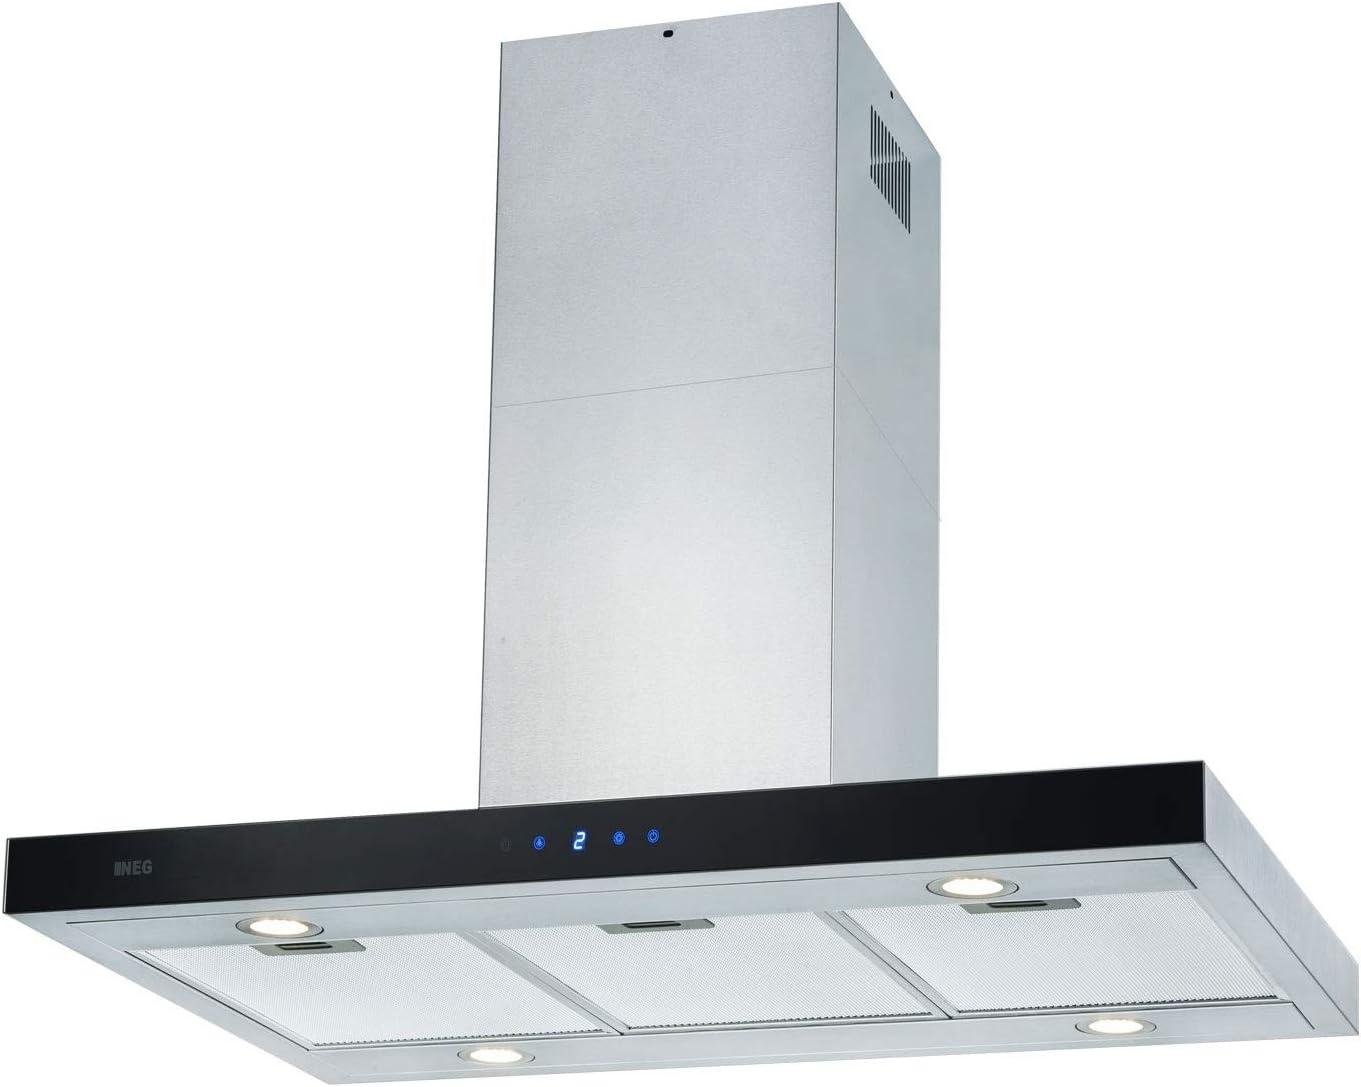 NEG NEG36-AT - Campana extractora (90 cm, acero inoxidable, con iluminación LED y función de retorno): Amazon.es: Grandes electrodomésticos